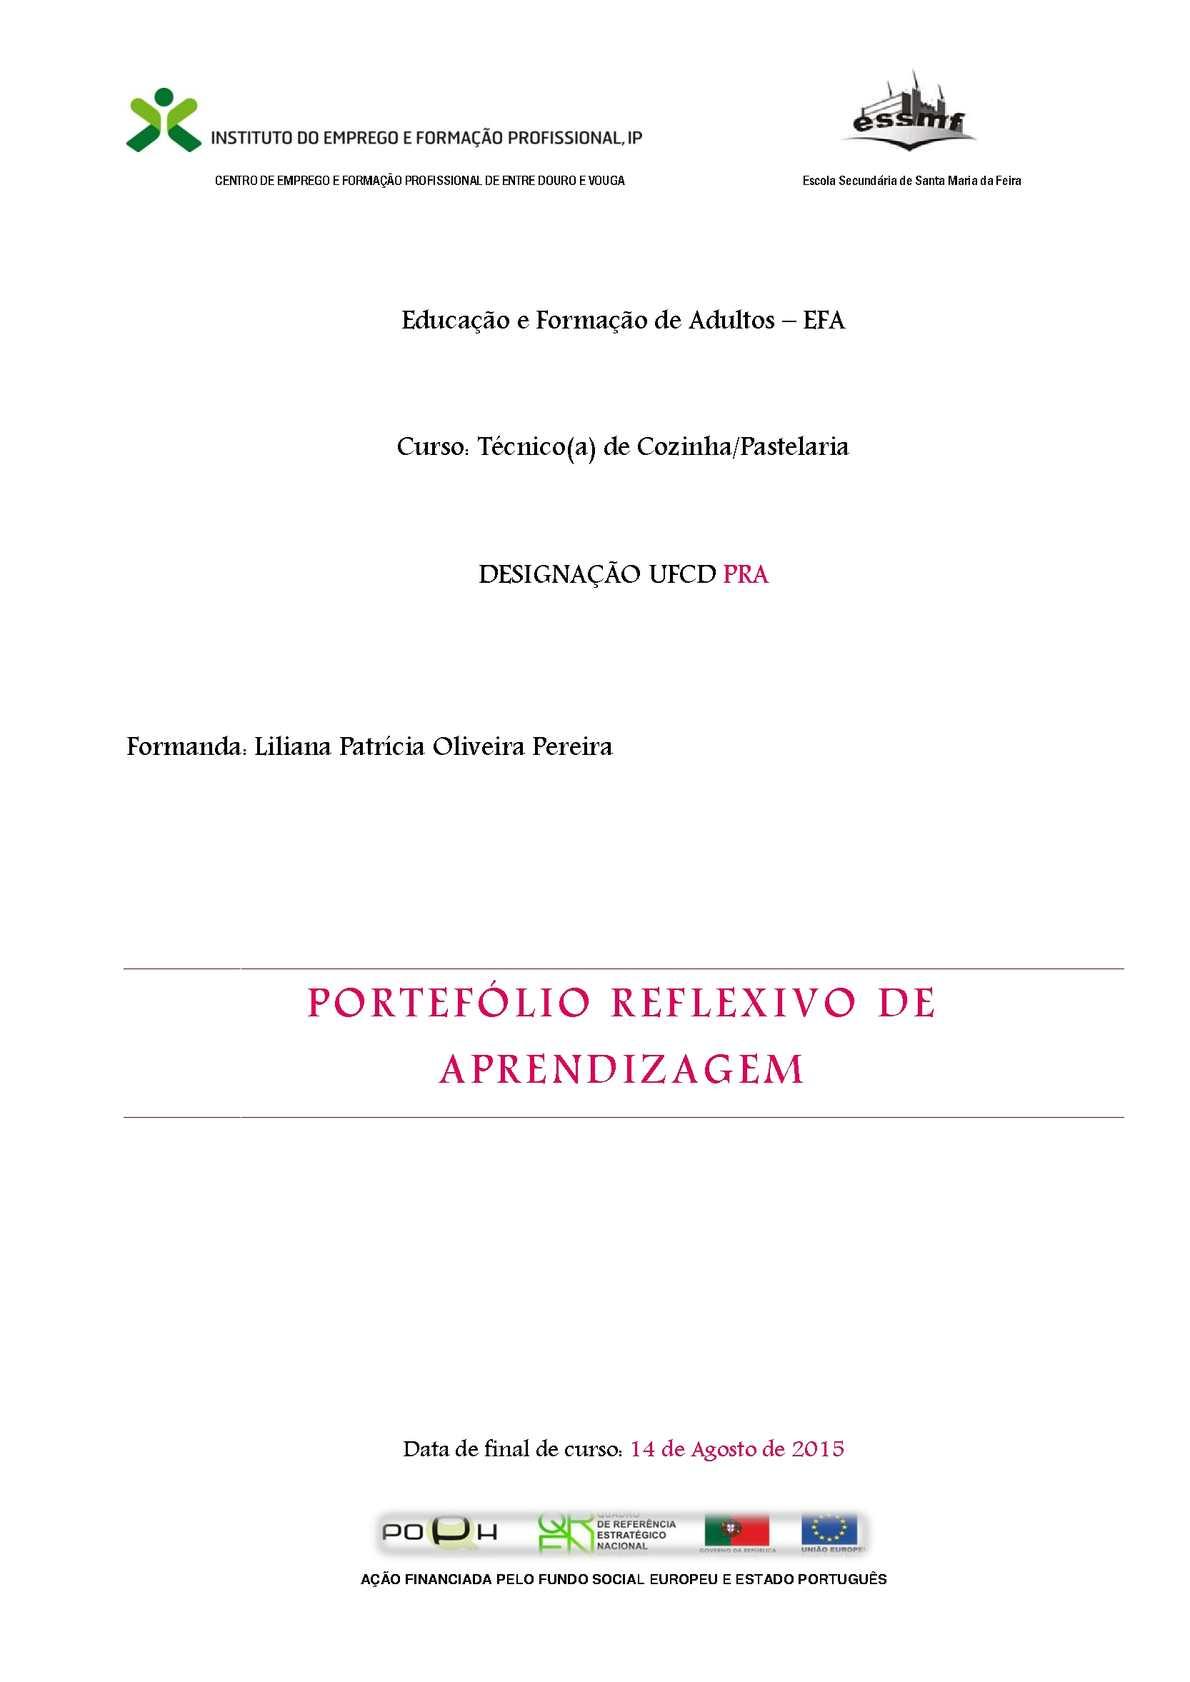 Portefólio Reflexivo De Aprendizagem